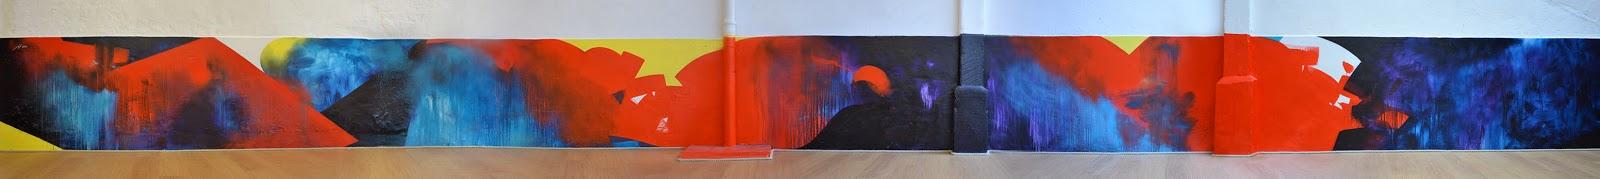 artiste peintre jean baptiste besançon bordelais decoration abstraite crossfit